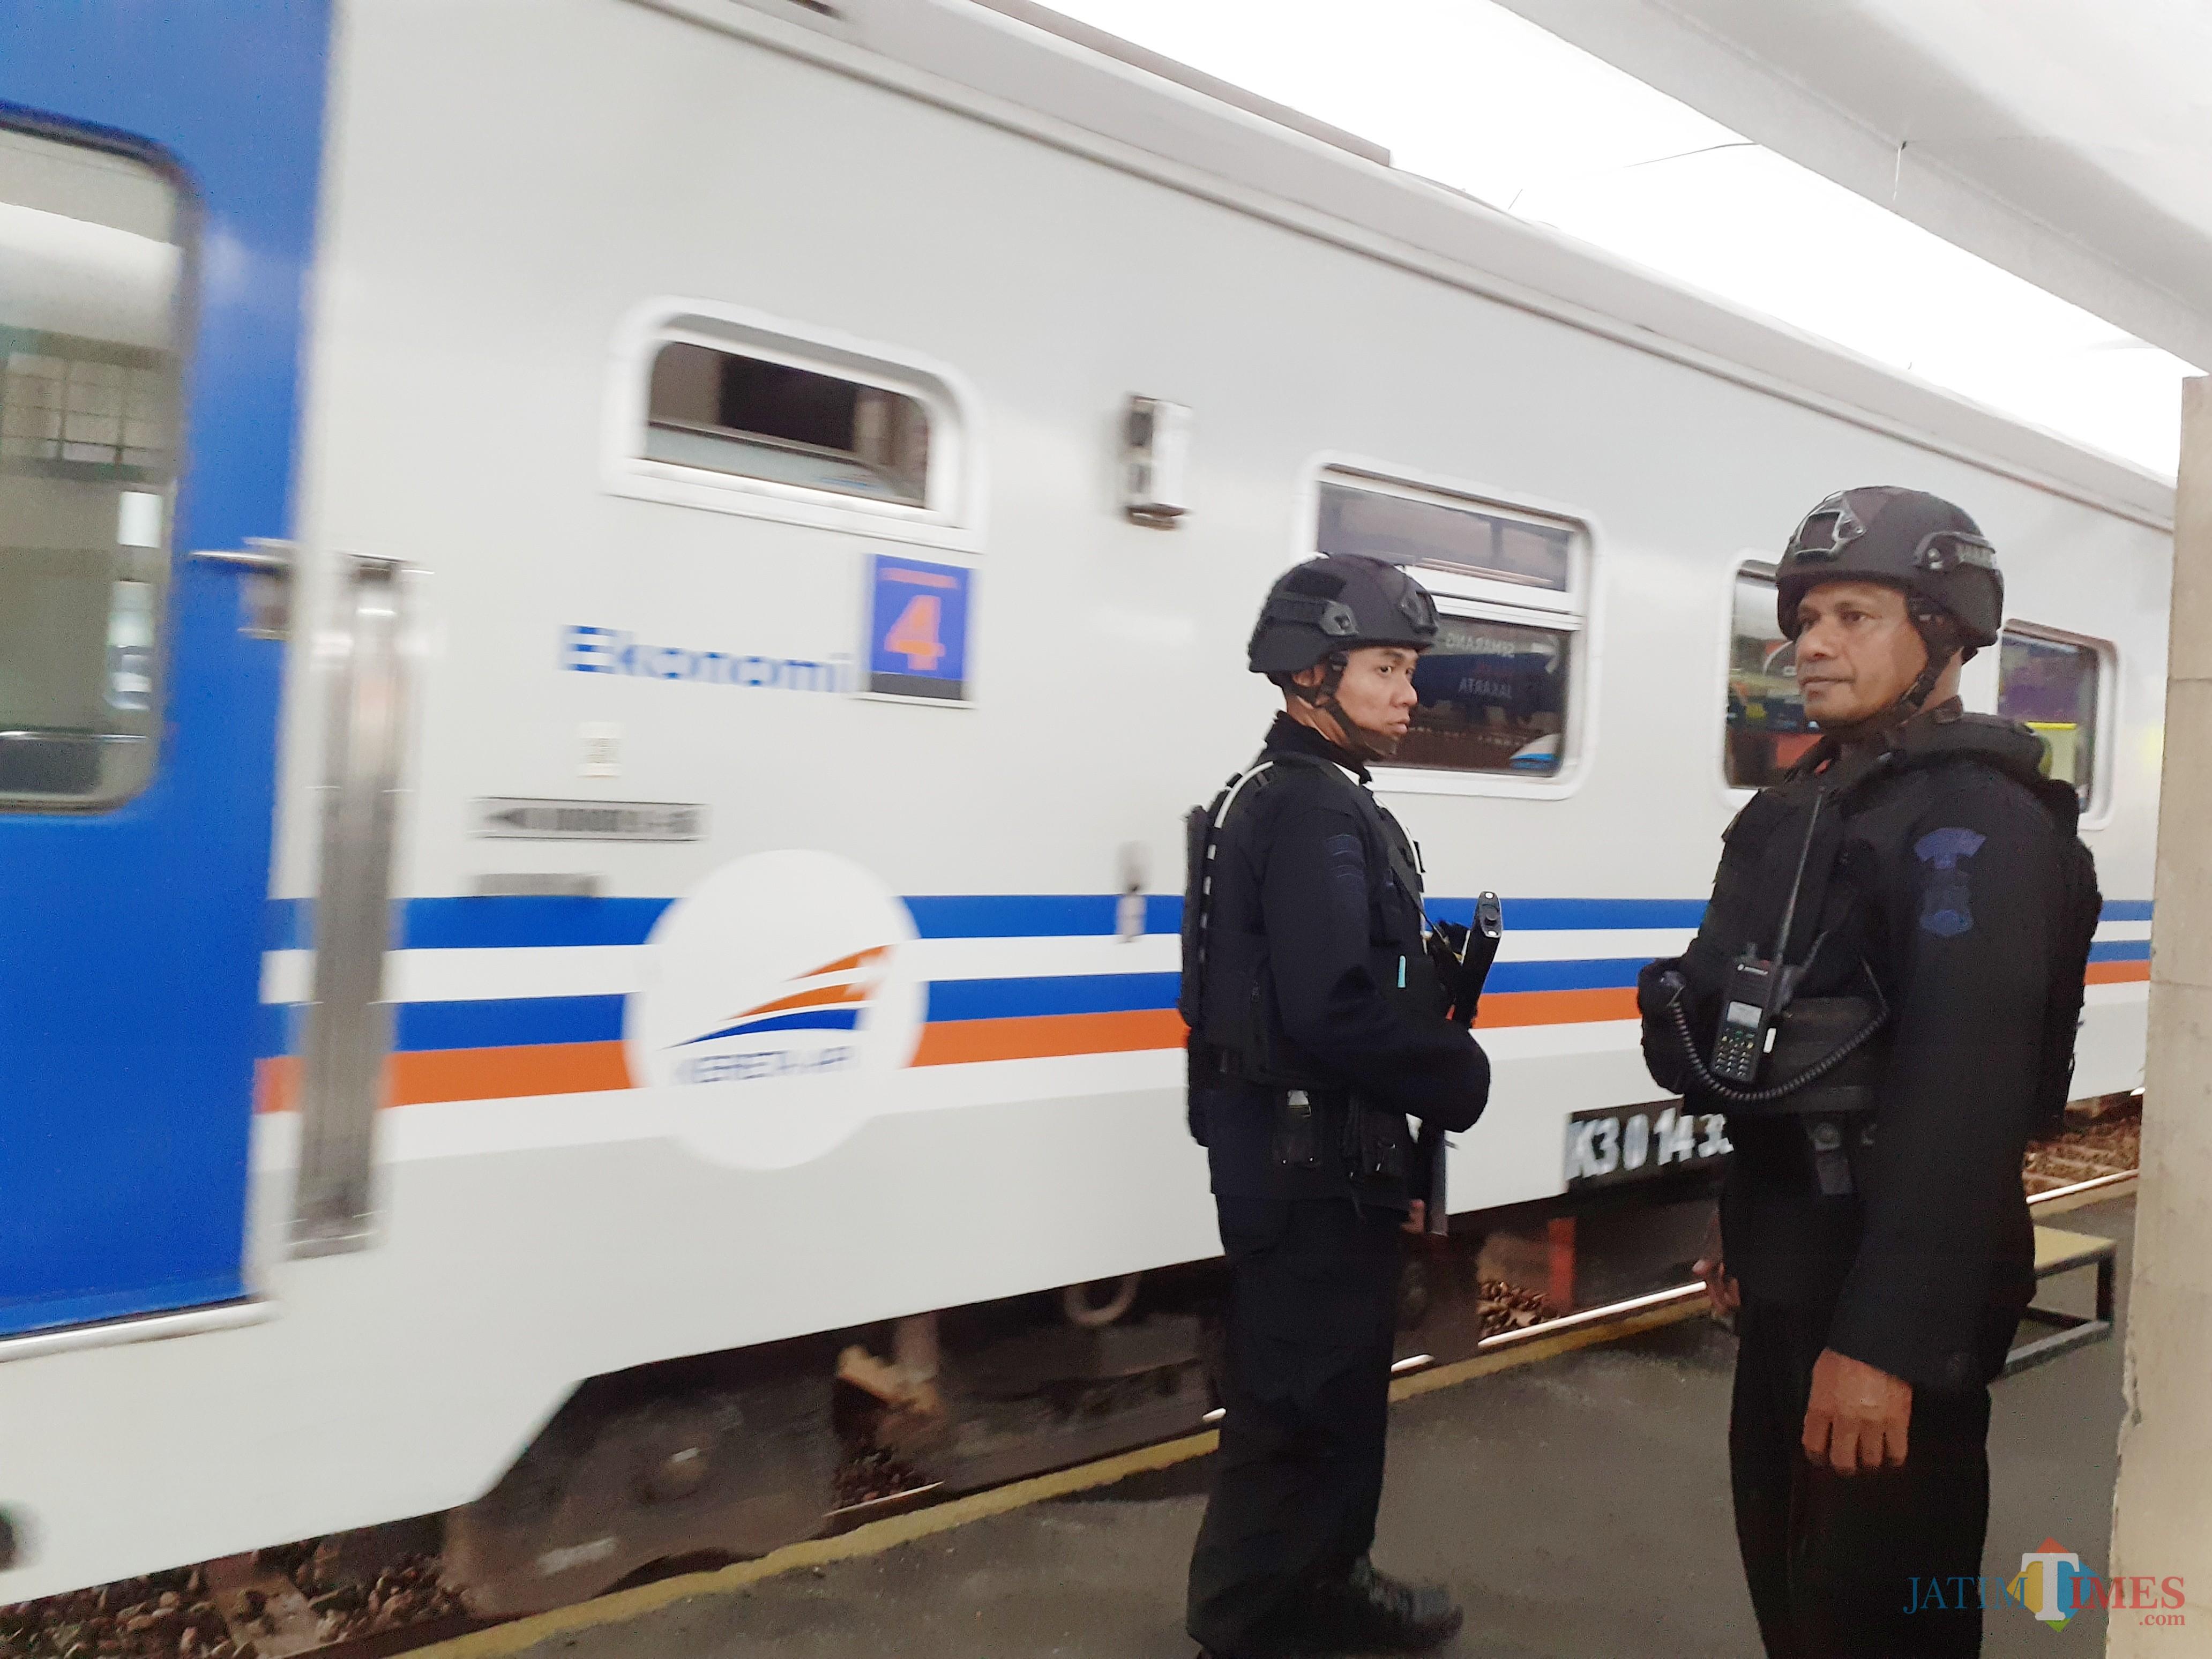 Beberapa petugas kepolisian tengah melakukan patroli di Stasiun Kota Baru. (Arifina Cahyanti Firdausi/MalangTIMES)